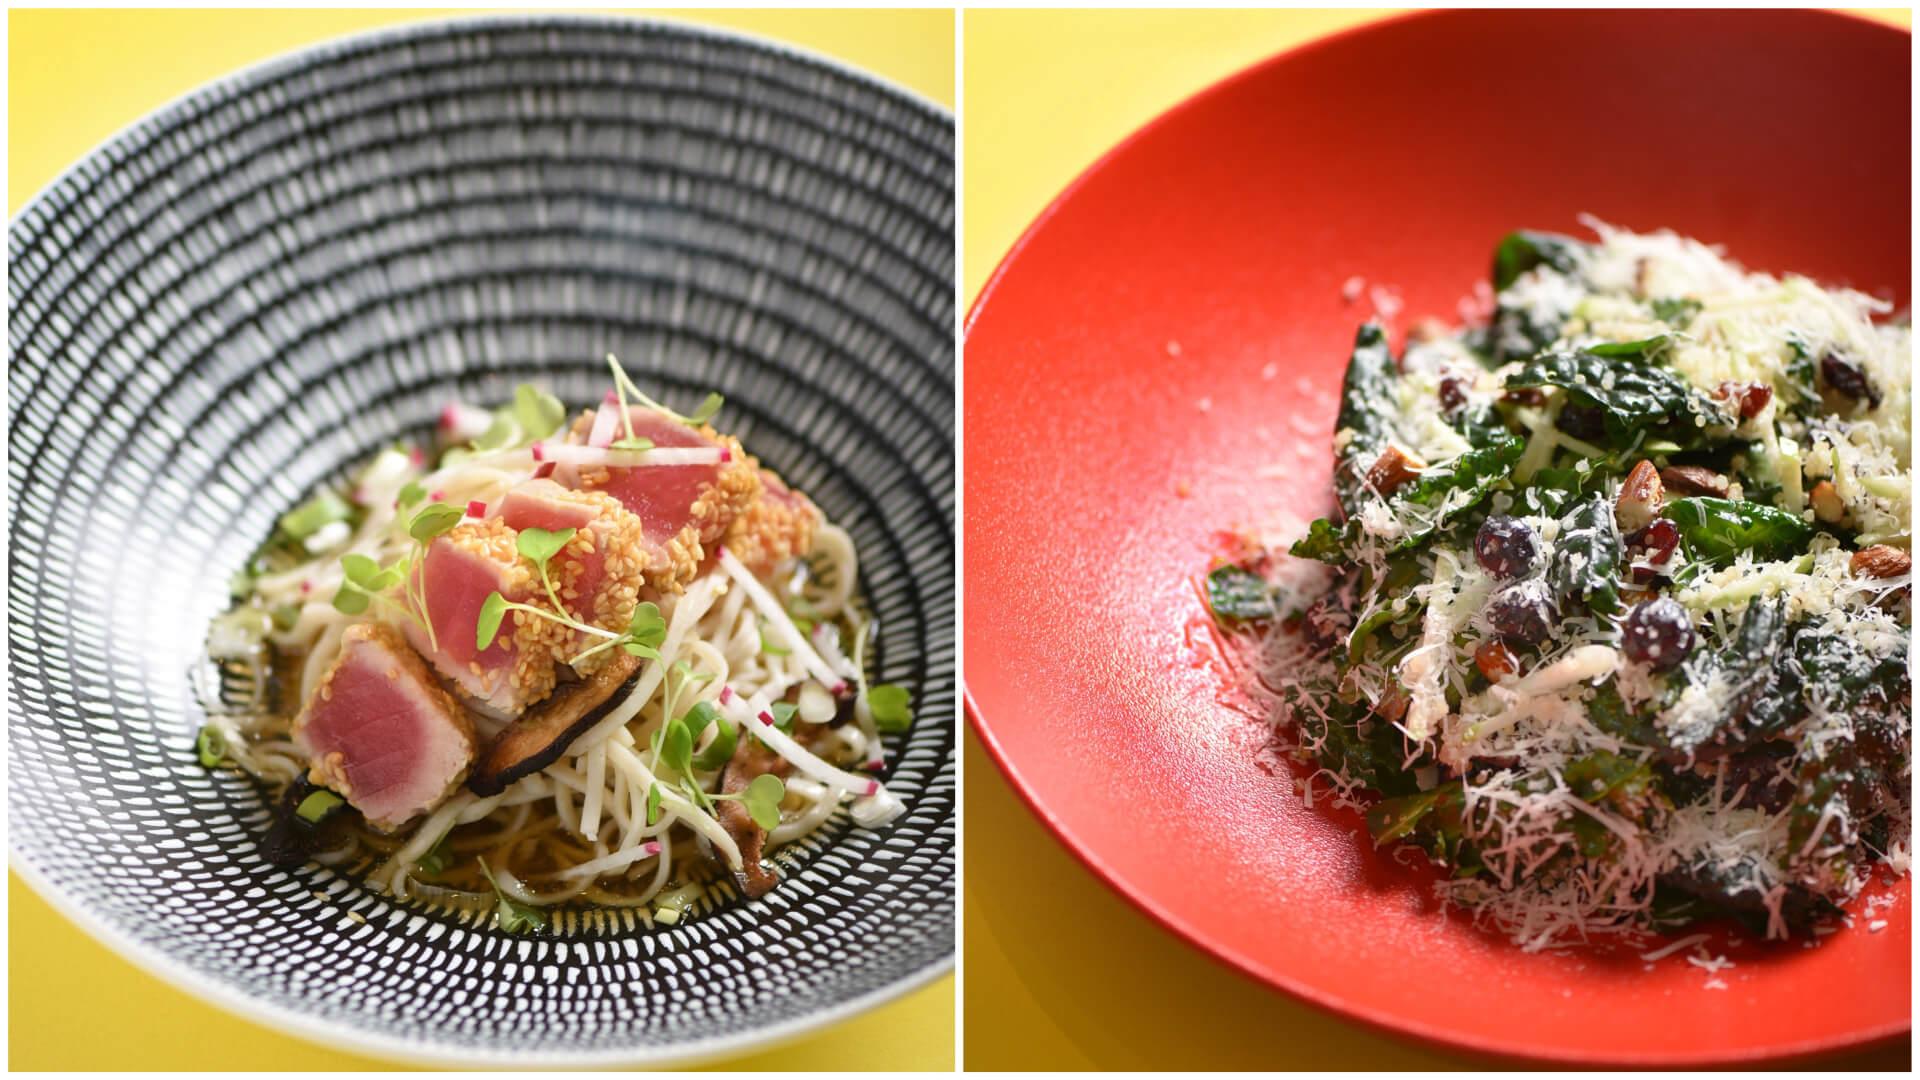 芝麻鮪魚蕎麥麵沙拉和有機藜麥甘藍沙拉。(圖片/台北W飯店提供)